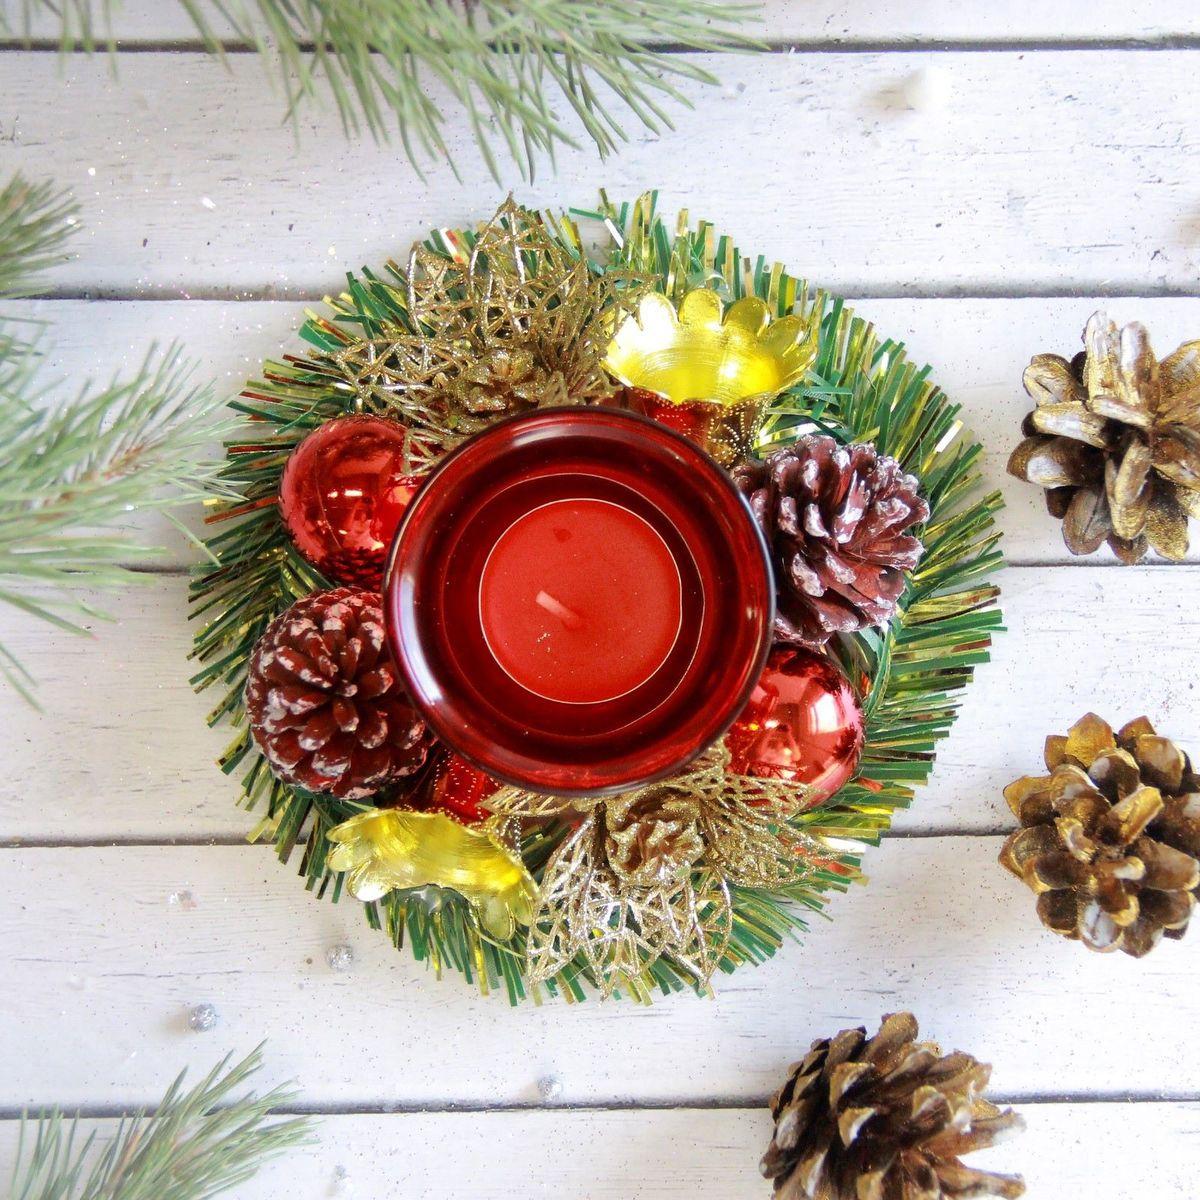 Свеча новогодняя Sima-land С шишками и цветами, диаметр 12 см2378009Невозможно представить нашу жизнь без праздников! Мы всегда ждём их и предвкушаем,обдумываем, как проведём памятный день, тщательно выбираем подарки и аксессуары, ведьименно они создают и поддерживают торжественный настрой - это отличный выбор, которыйпривнесёт атмосферу праздника в ваш дом!